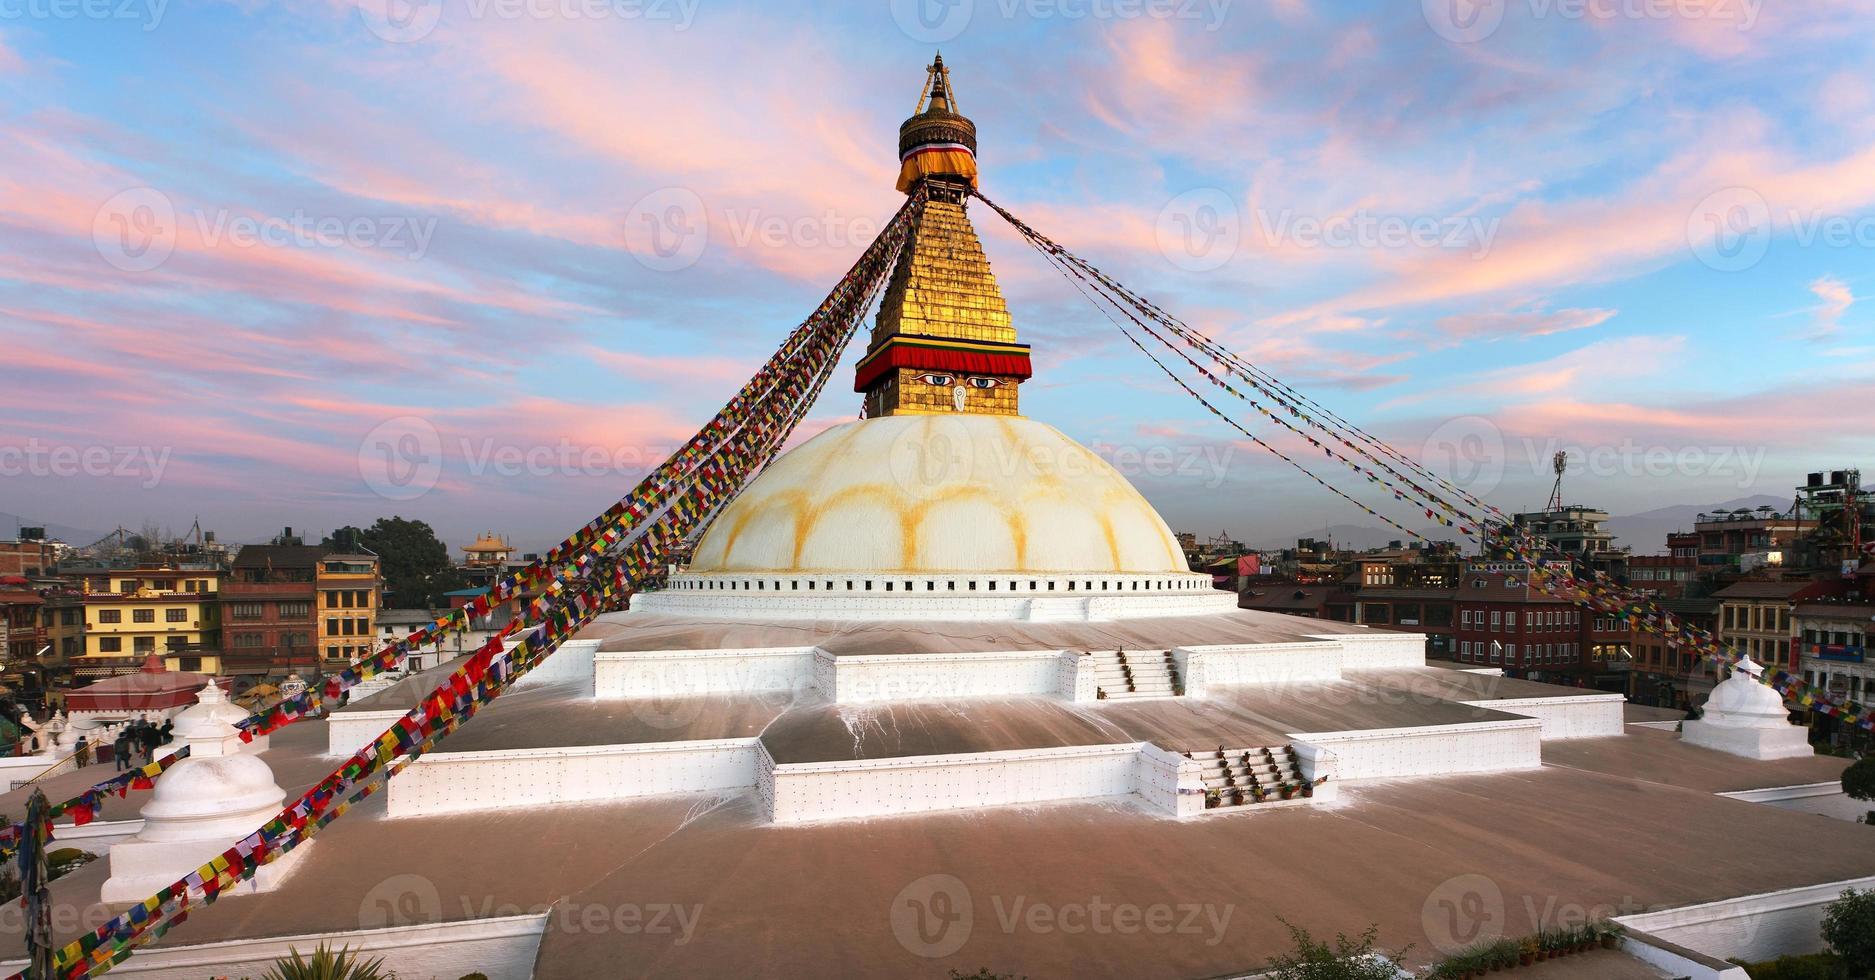 Vue du bodhnath stupa en soirée - Katmandou - Népal photo